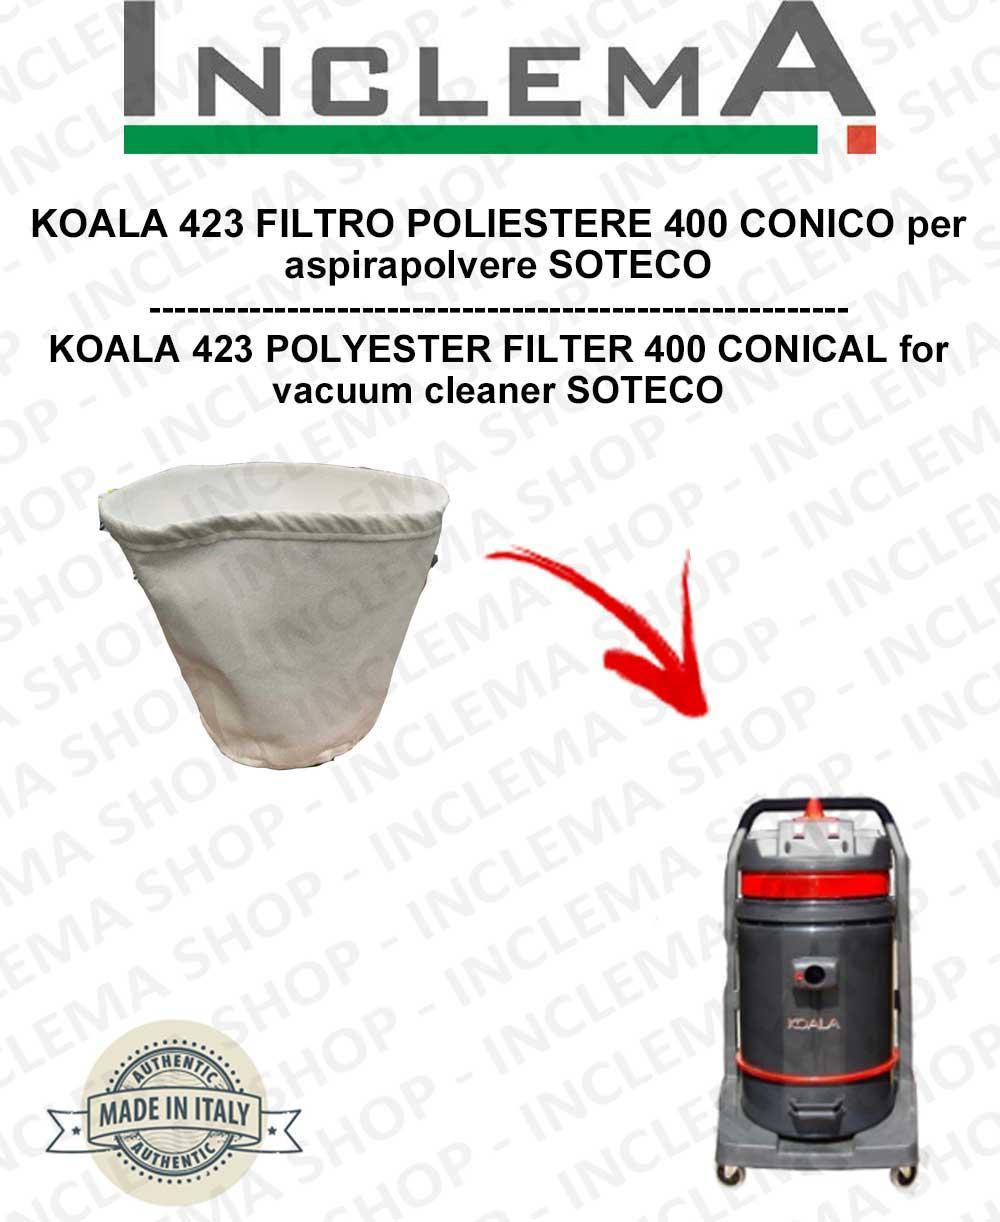 Sensore per luce ABSORBER Frigorifero Dometic Electrolux 295138050//6 ORIGINALE